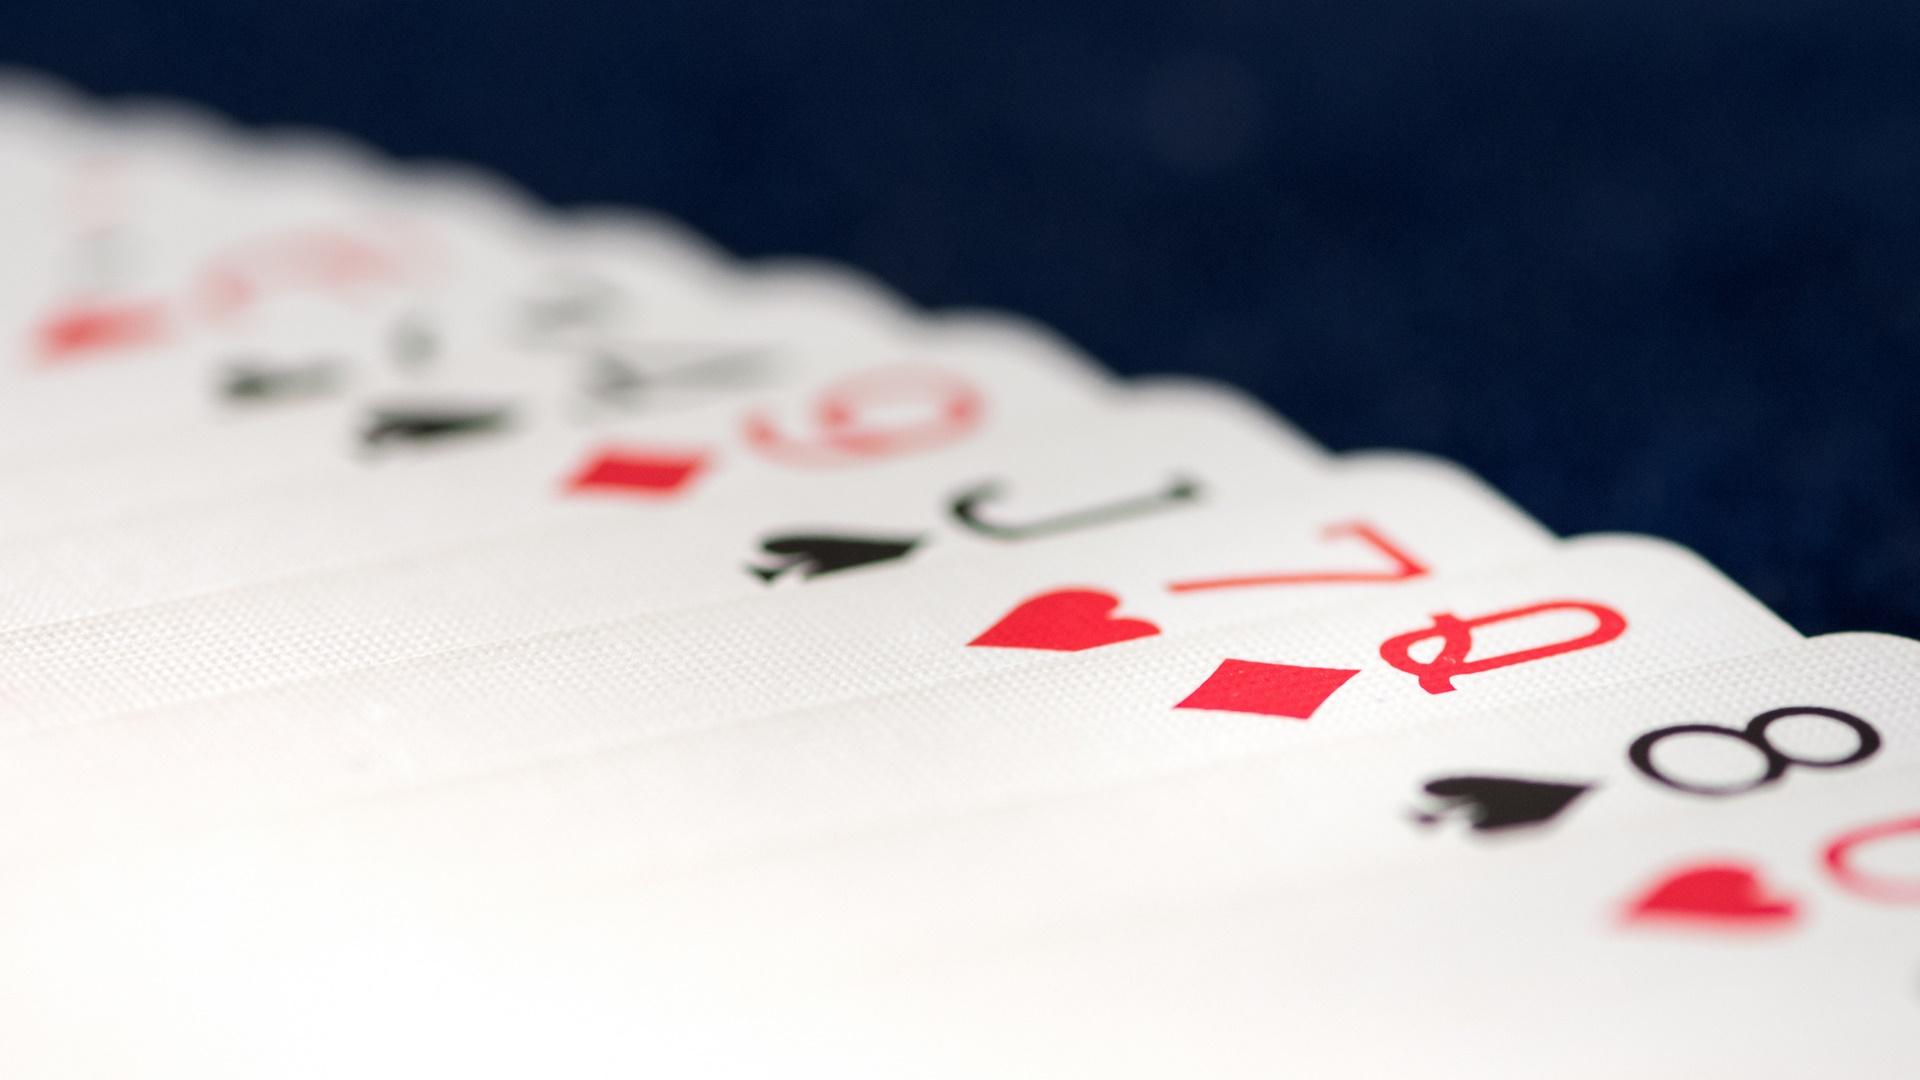 La tua casa ha le carte in regola per essere venduta